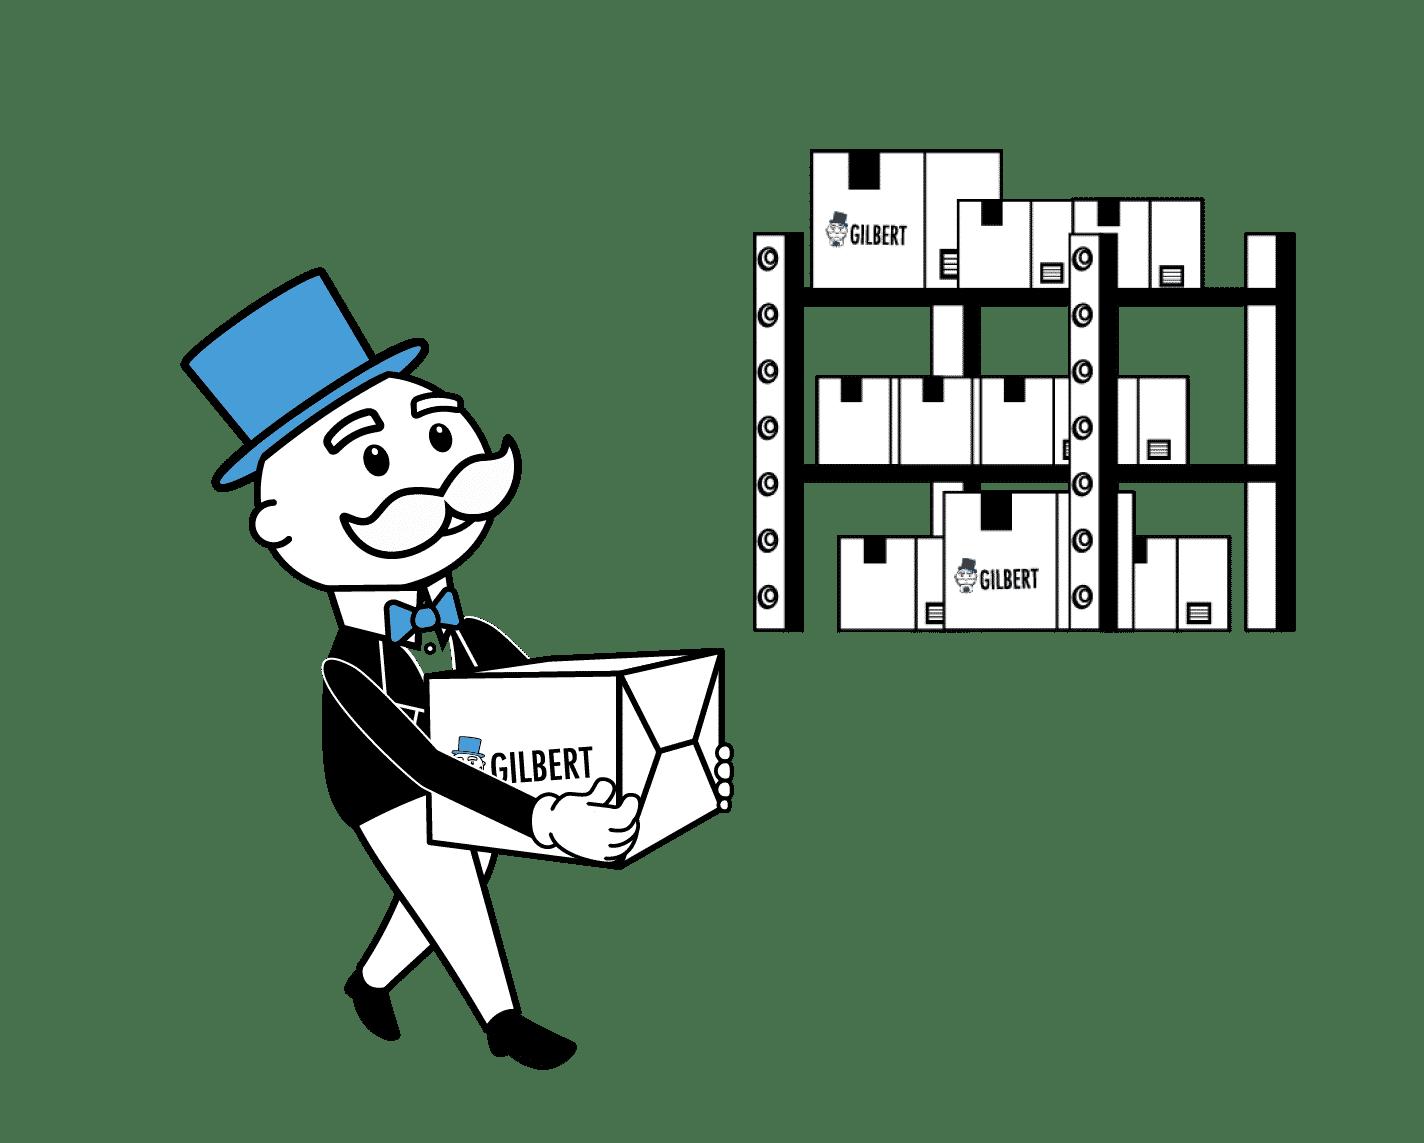 Gilbert déponsant des cartons